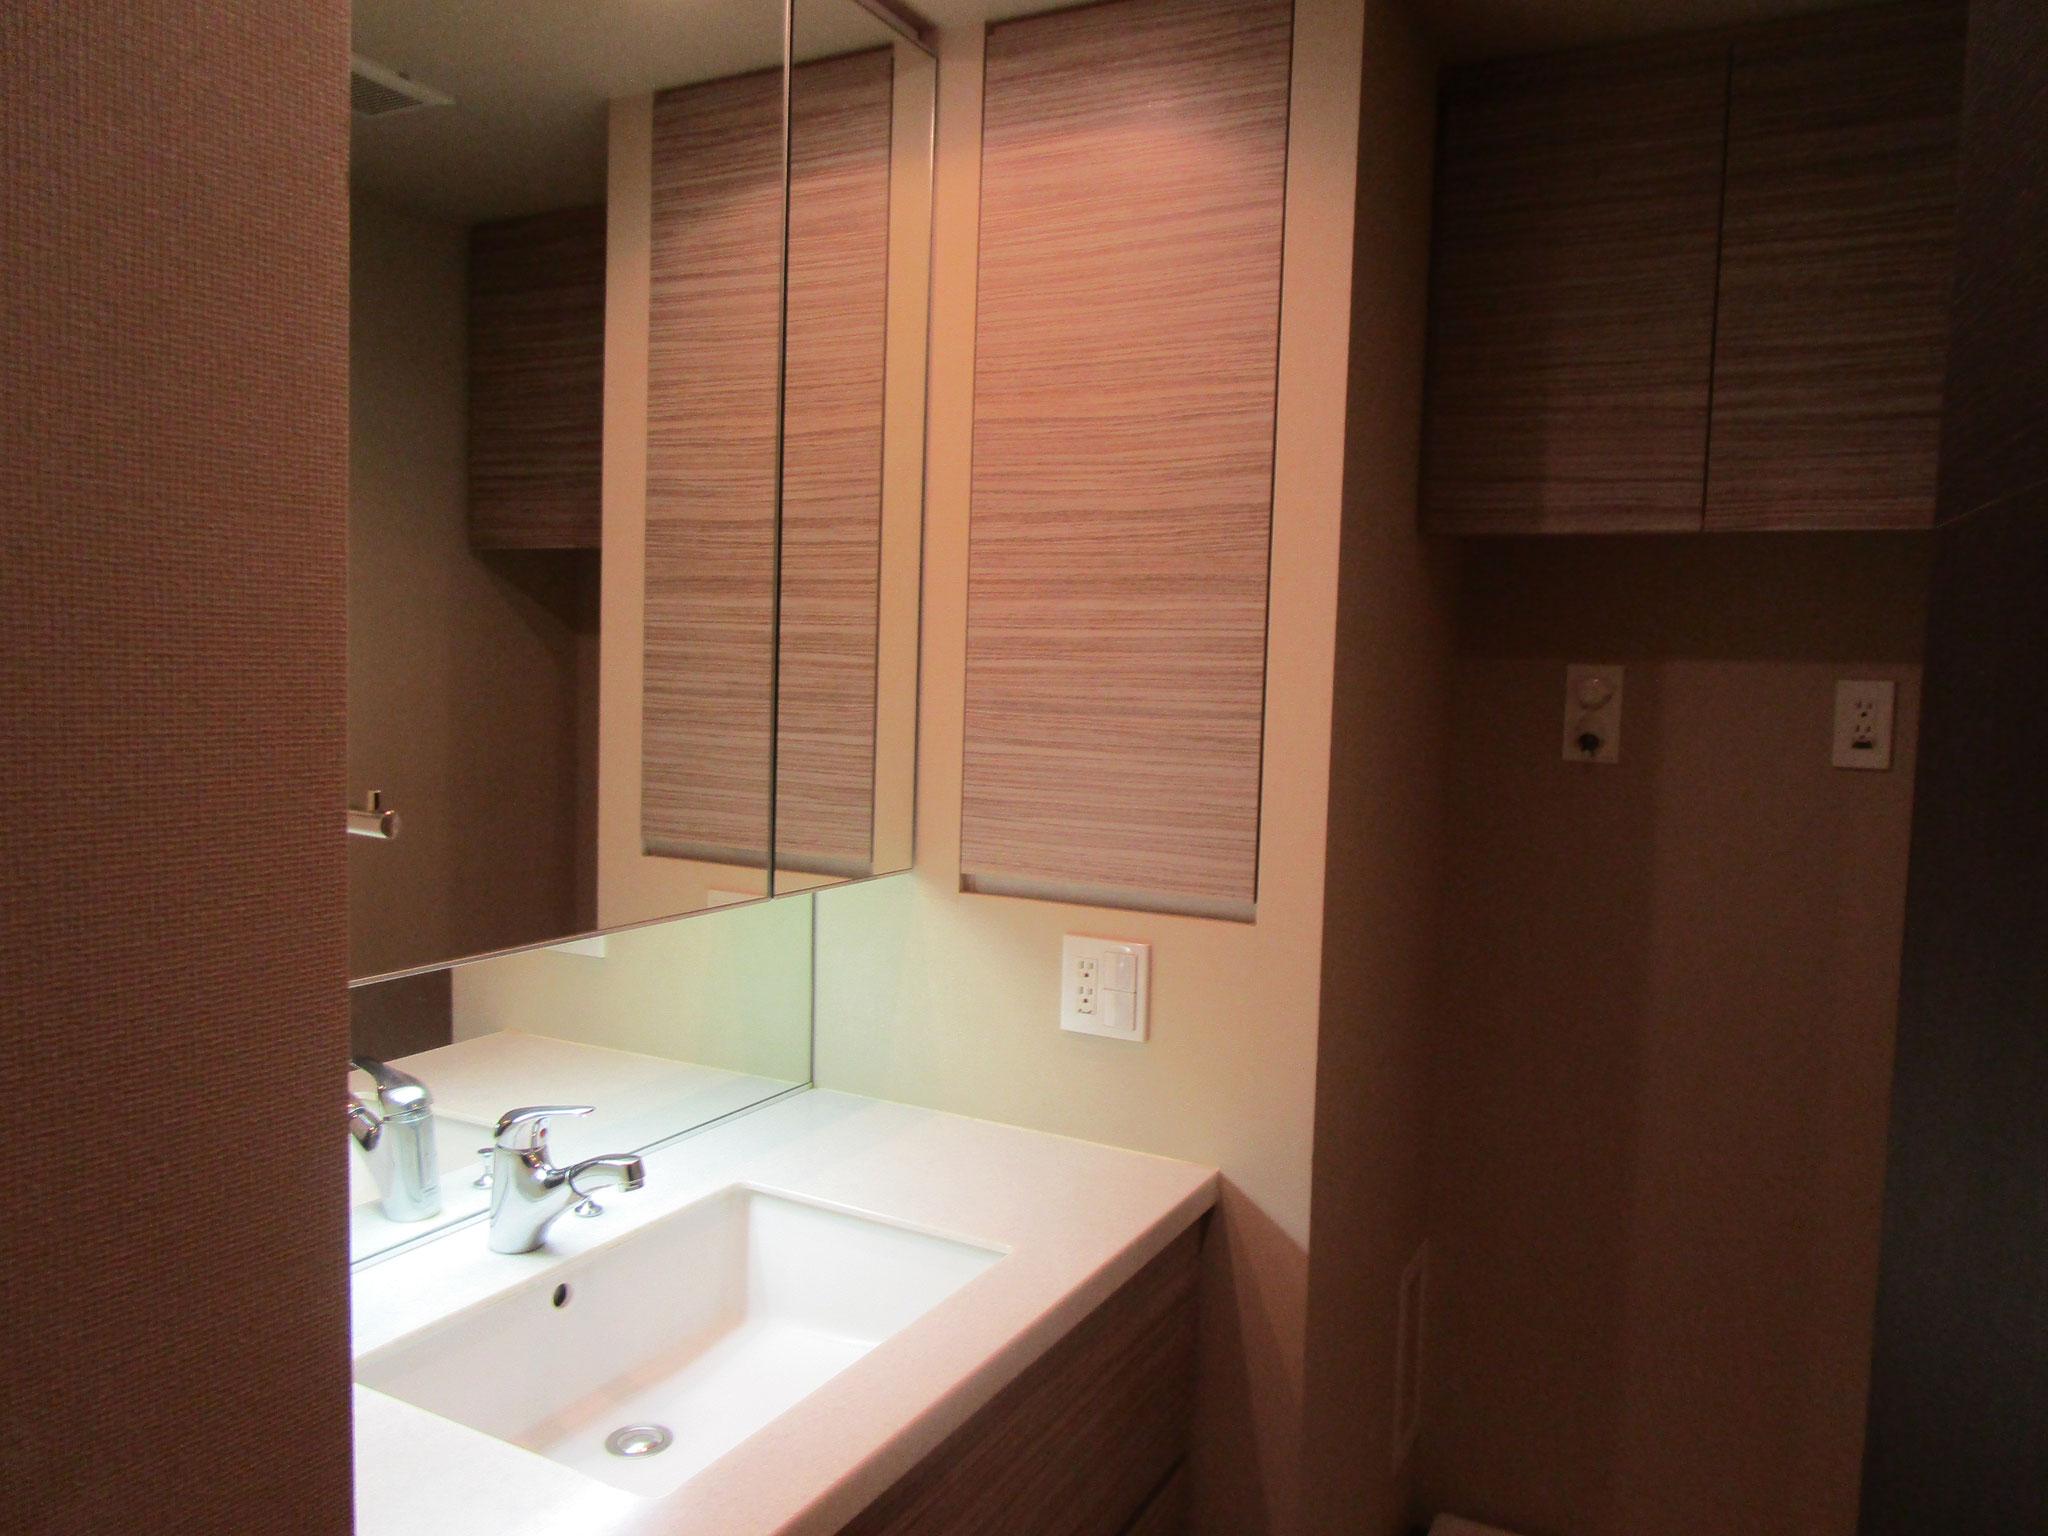 洋室の向かいは洗面室と浴室(リネン庫付き)